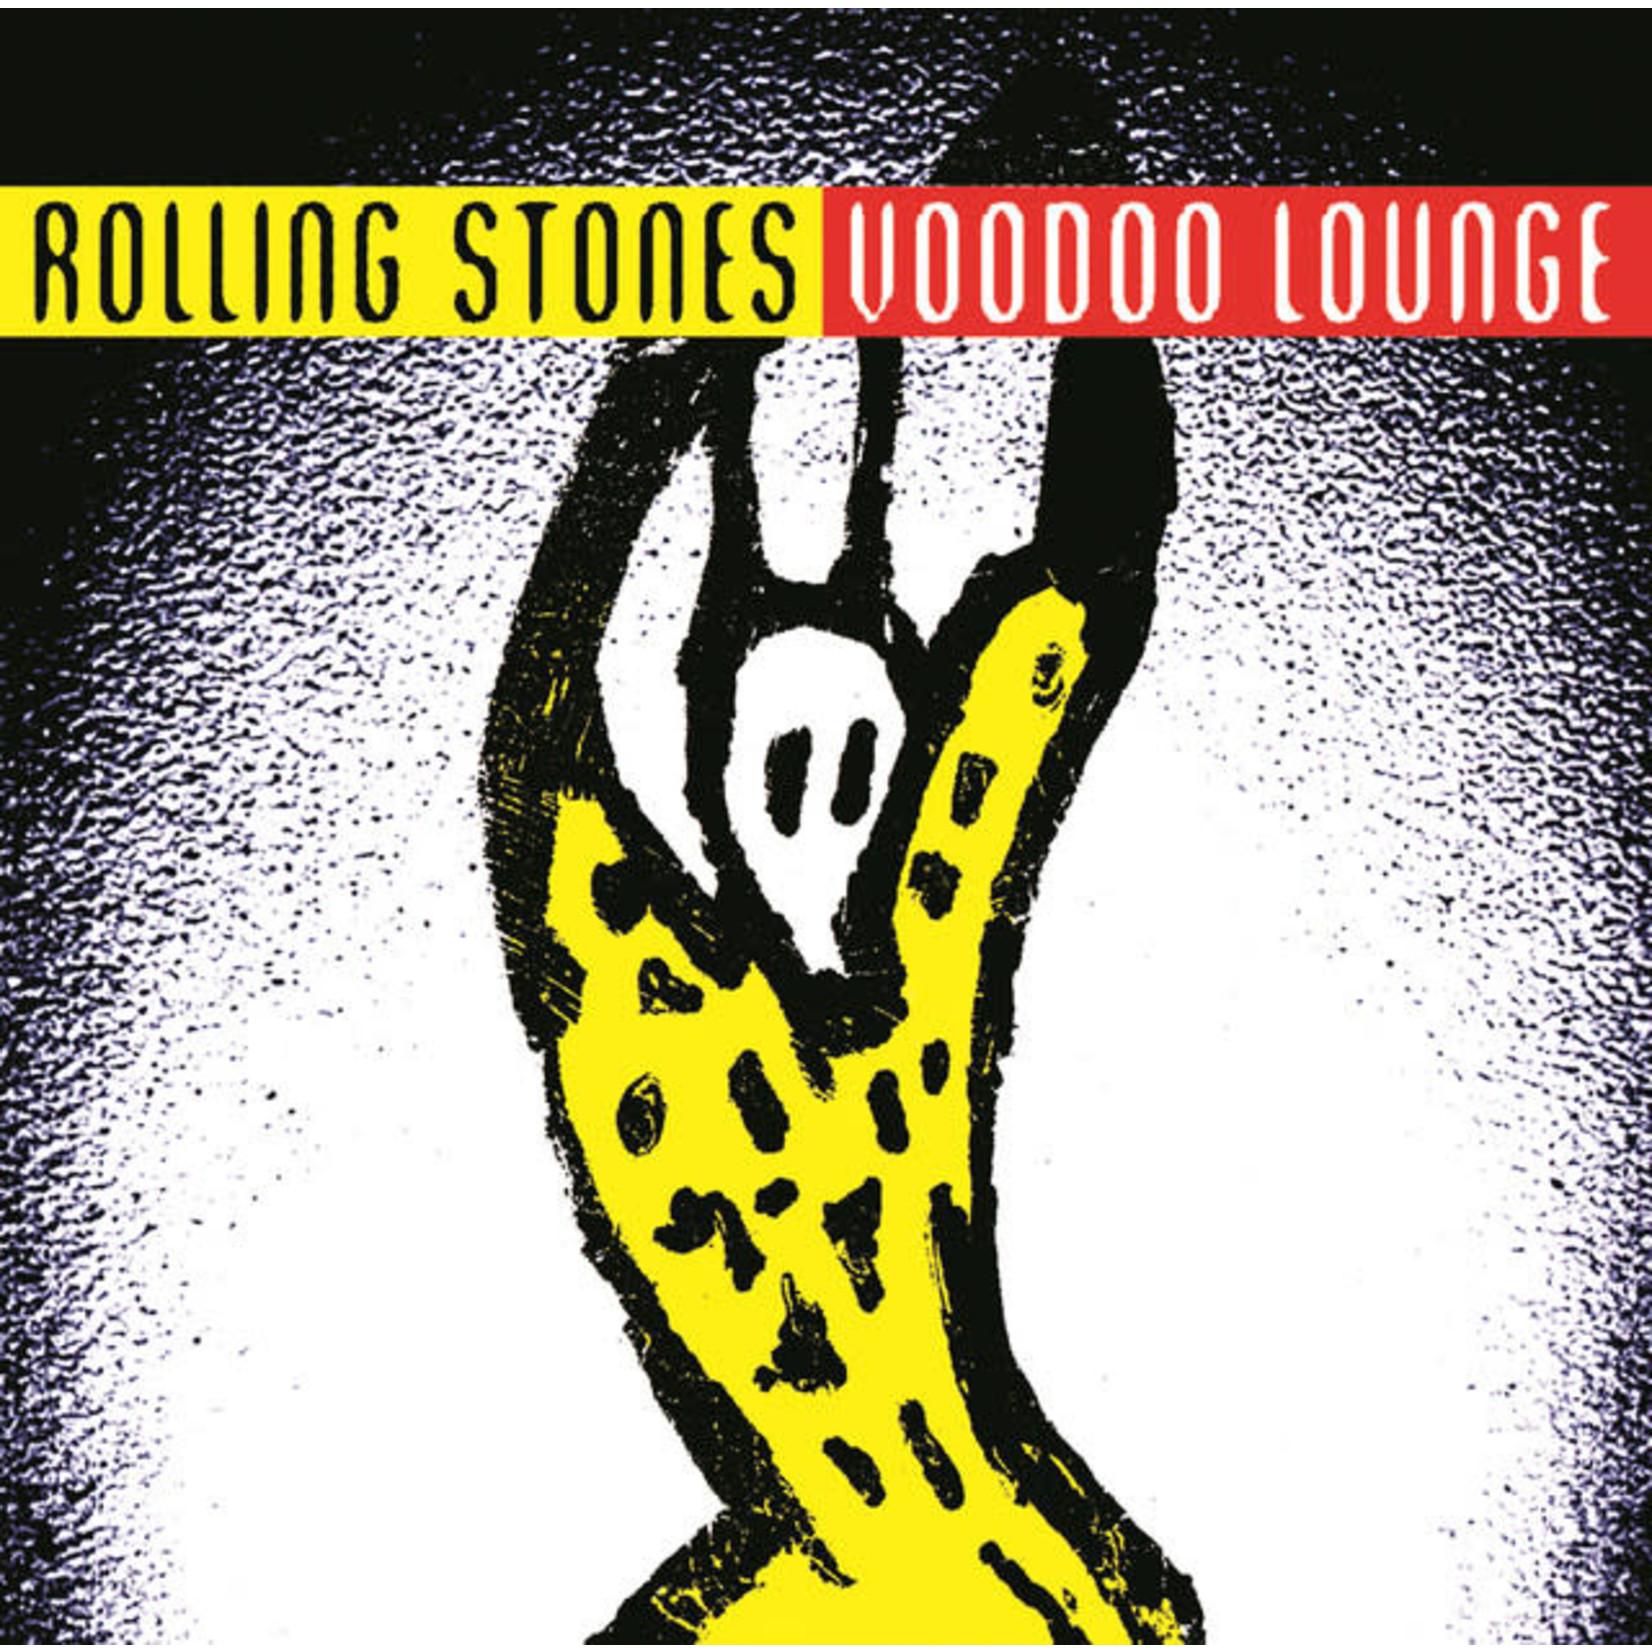 Vinyl The Rolling Stones - Voodoo Lounge